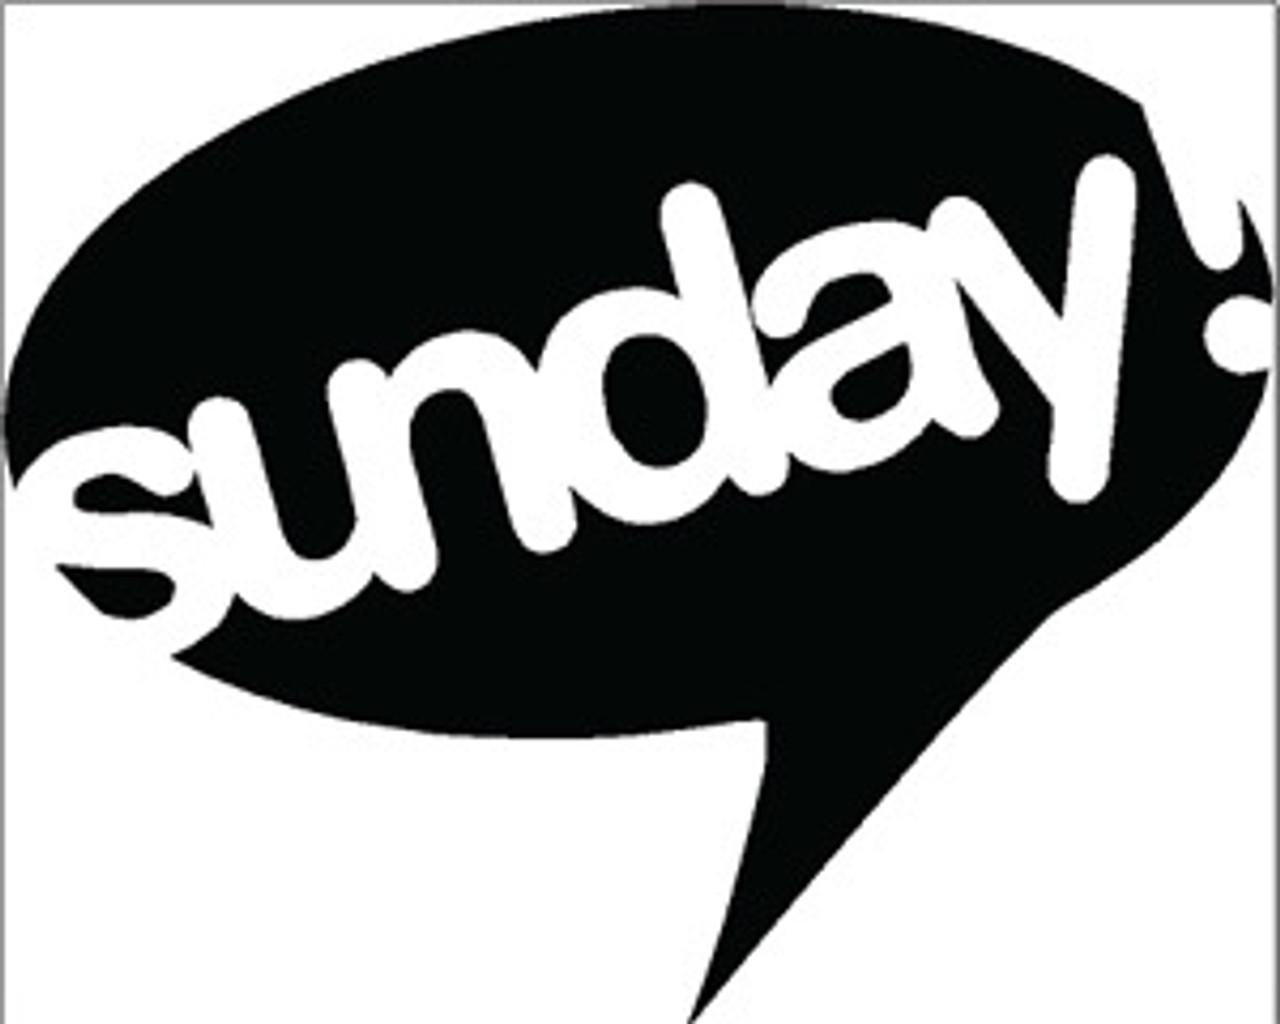 Sunday Forks